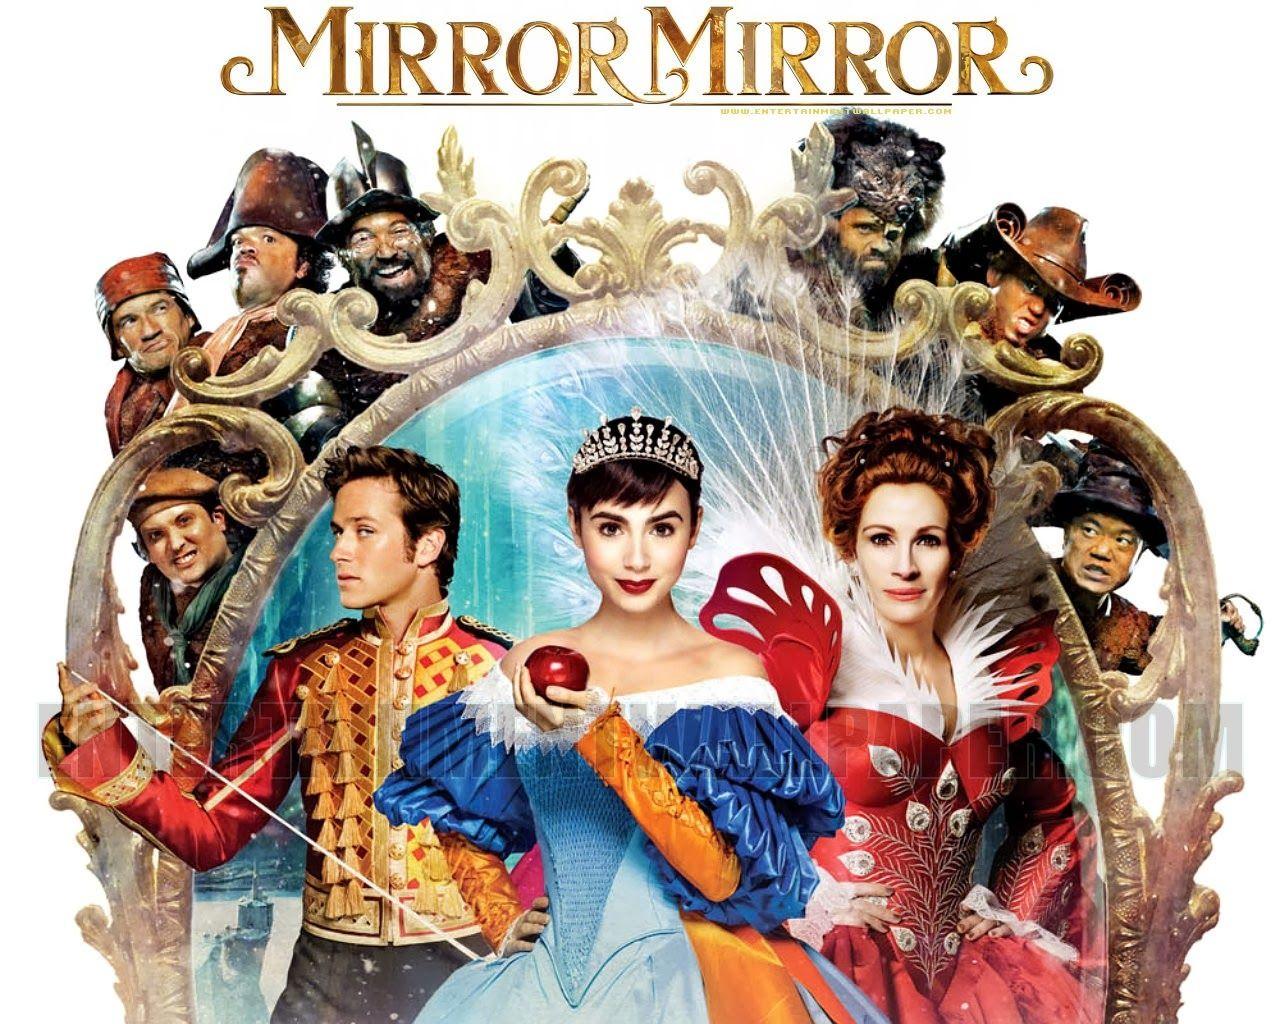 Blancanieves -Mirror, mirror- (Tarsem Singh, EE.UU., 2012) | Rebotando de una cosa a otra